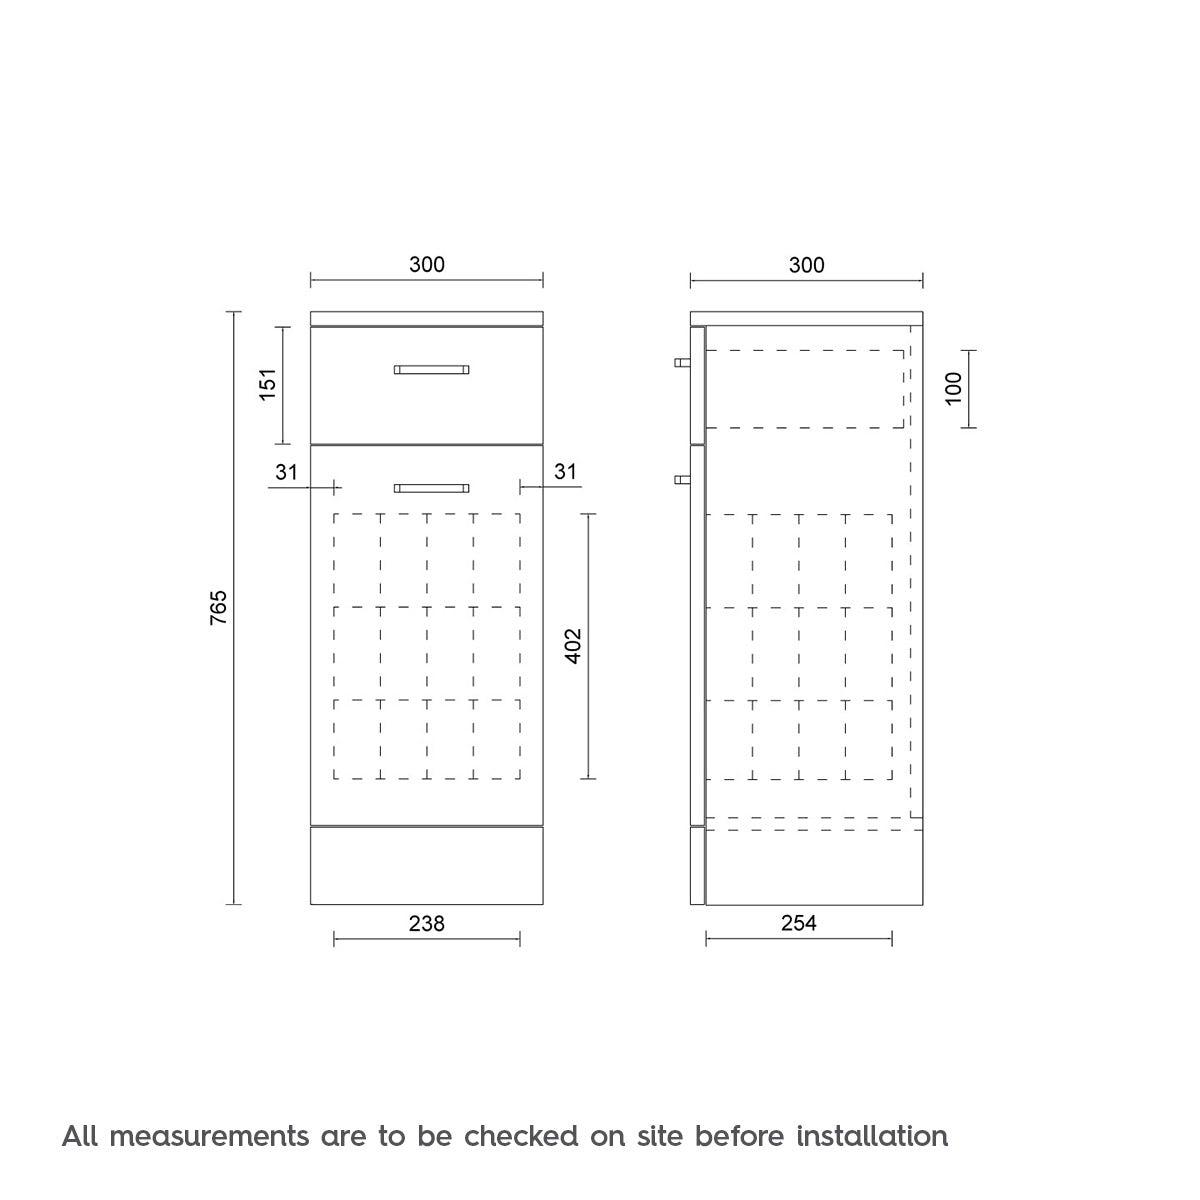 Dimensions for Sienna white slimline linen basket